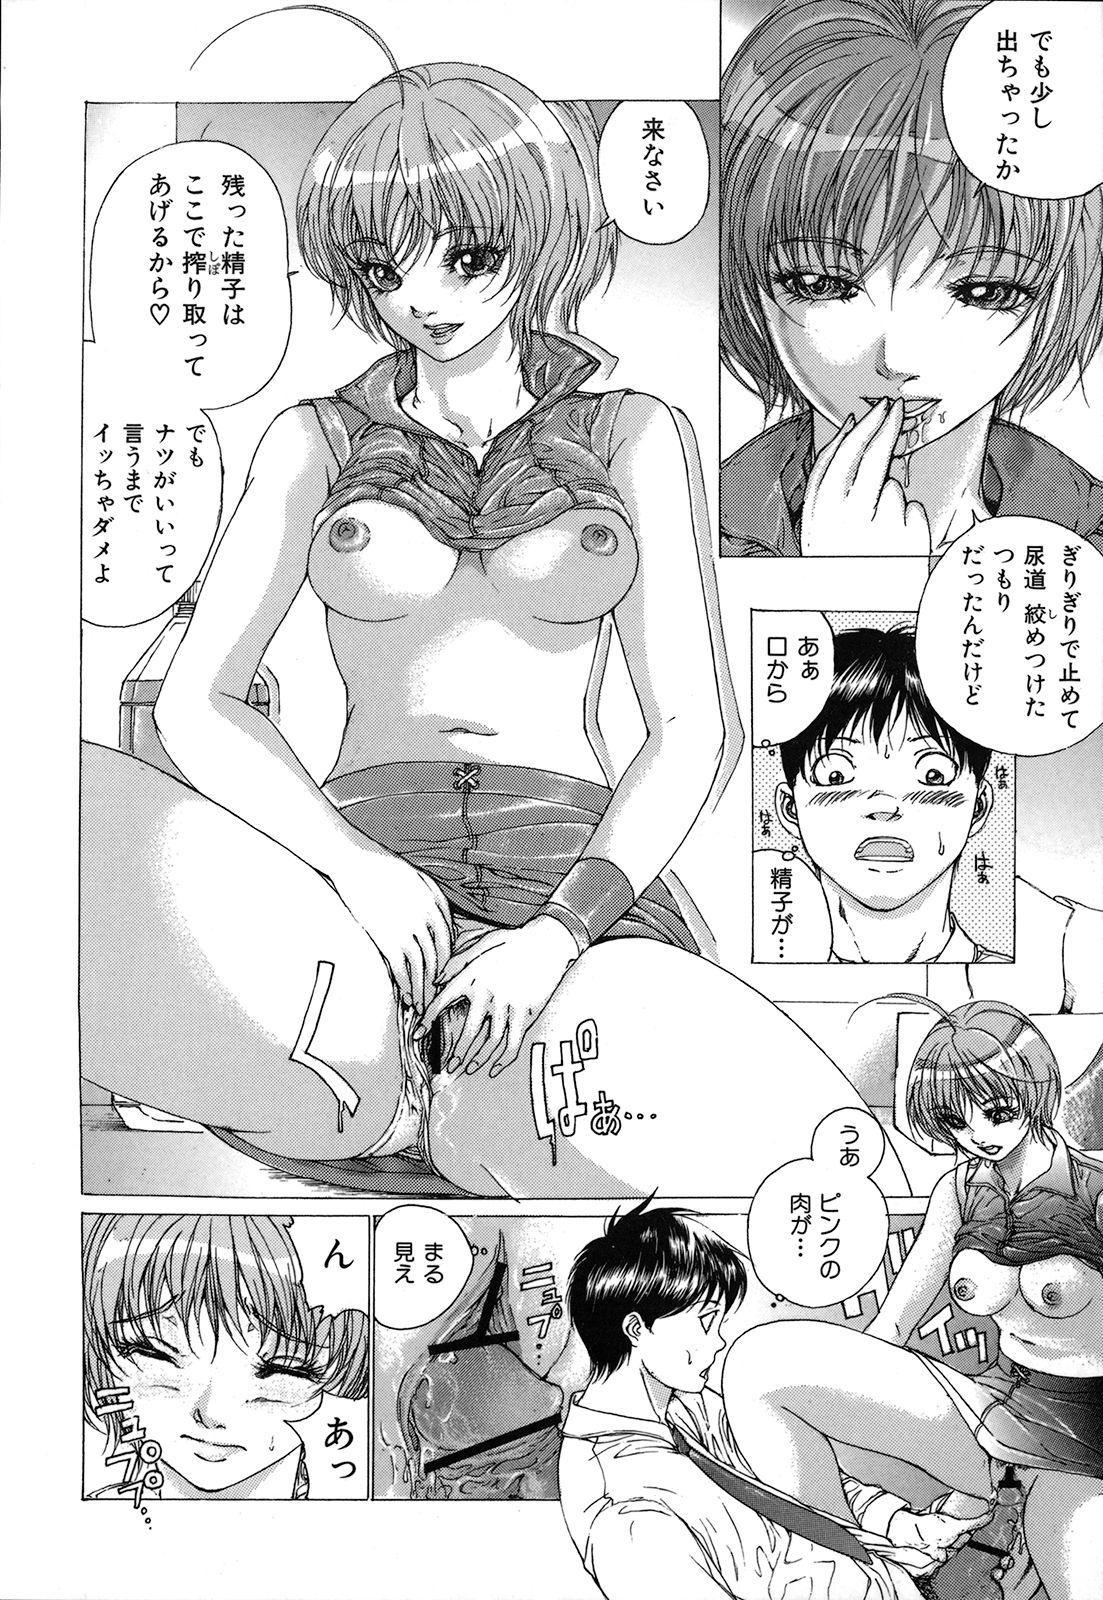 Kou Musume 93